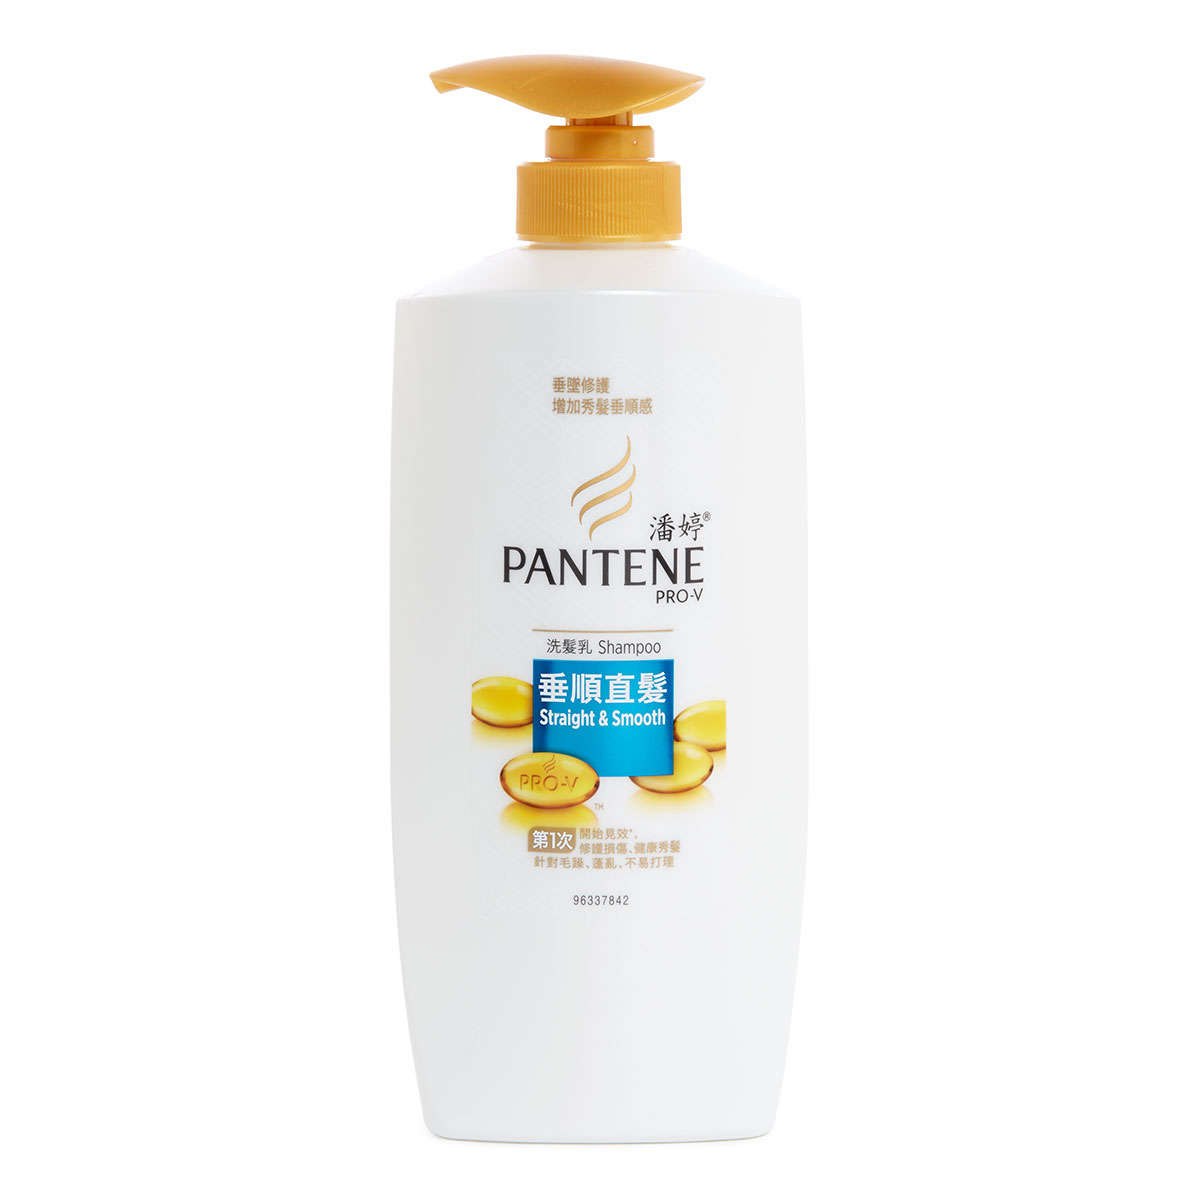 水洗图片700*700_PANTENE 潘婷 | 潘婷垂順直髮洗髮乳700亳升 | 香港電視 HKTVmall 網上購物